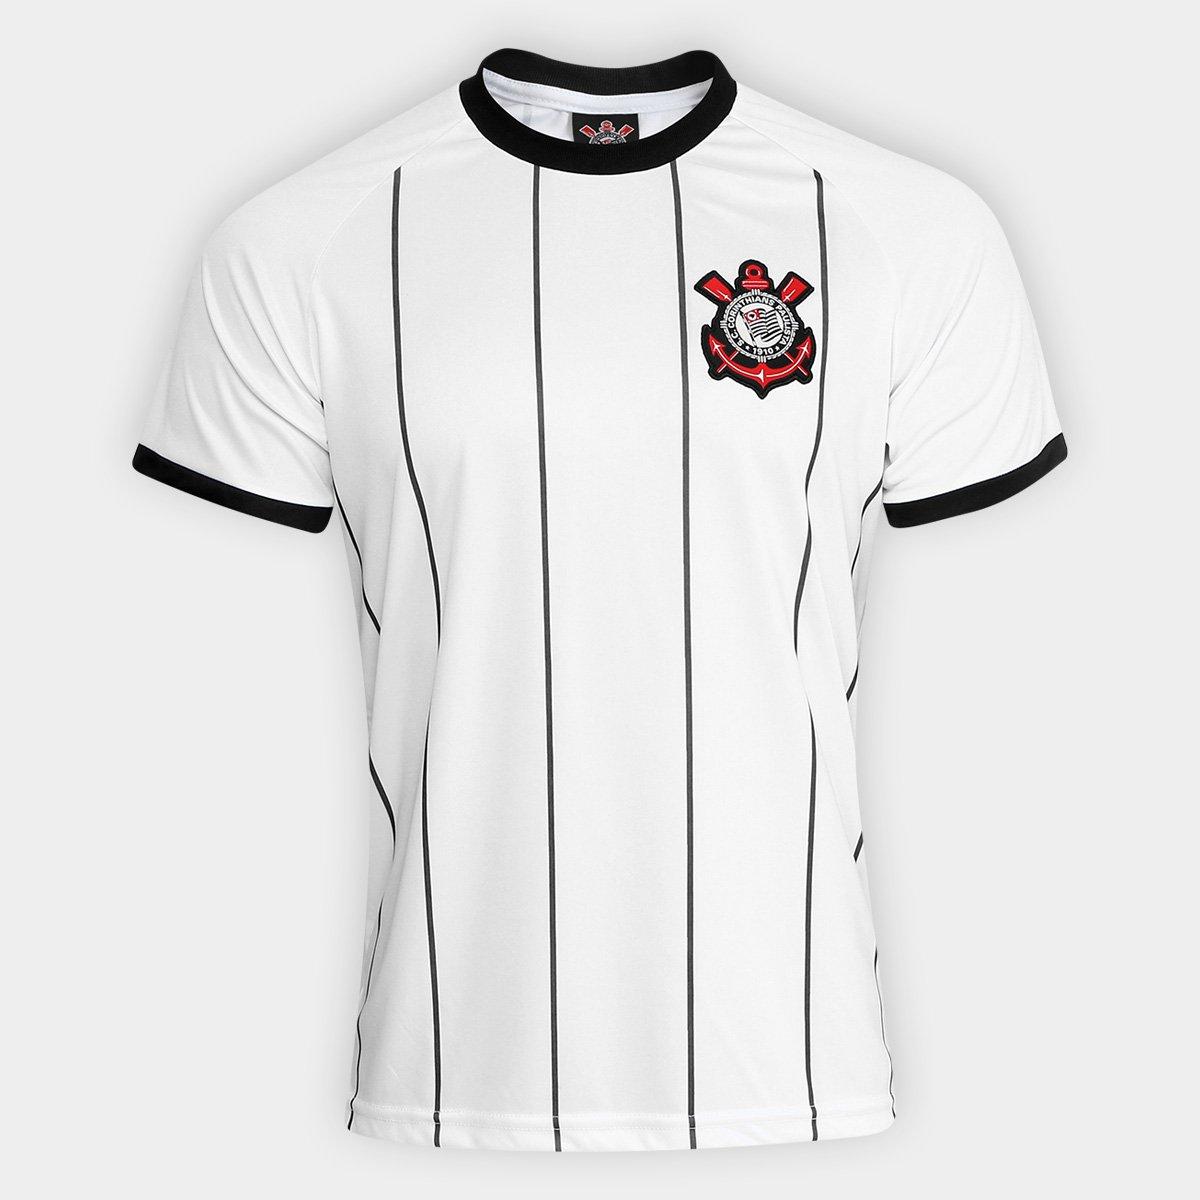 6e50b4c565a Camisa Corinthians Fenomenal - Edição Limitada Torcedor C Patch Masculina - Compre  Agora